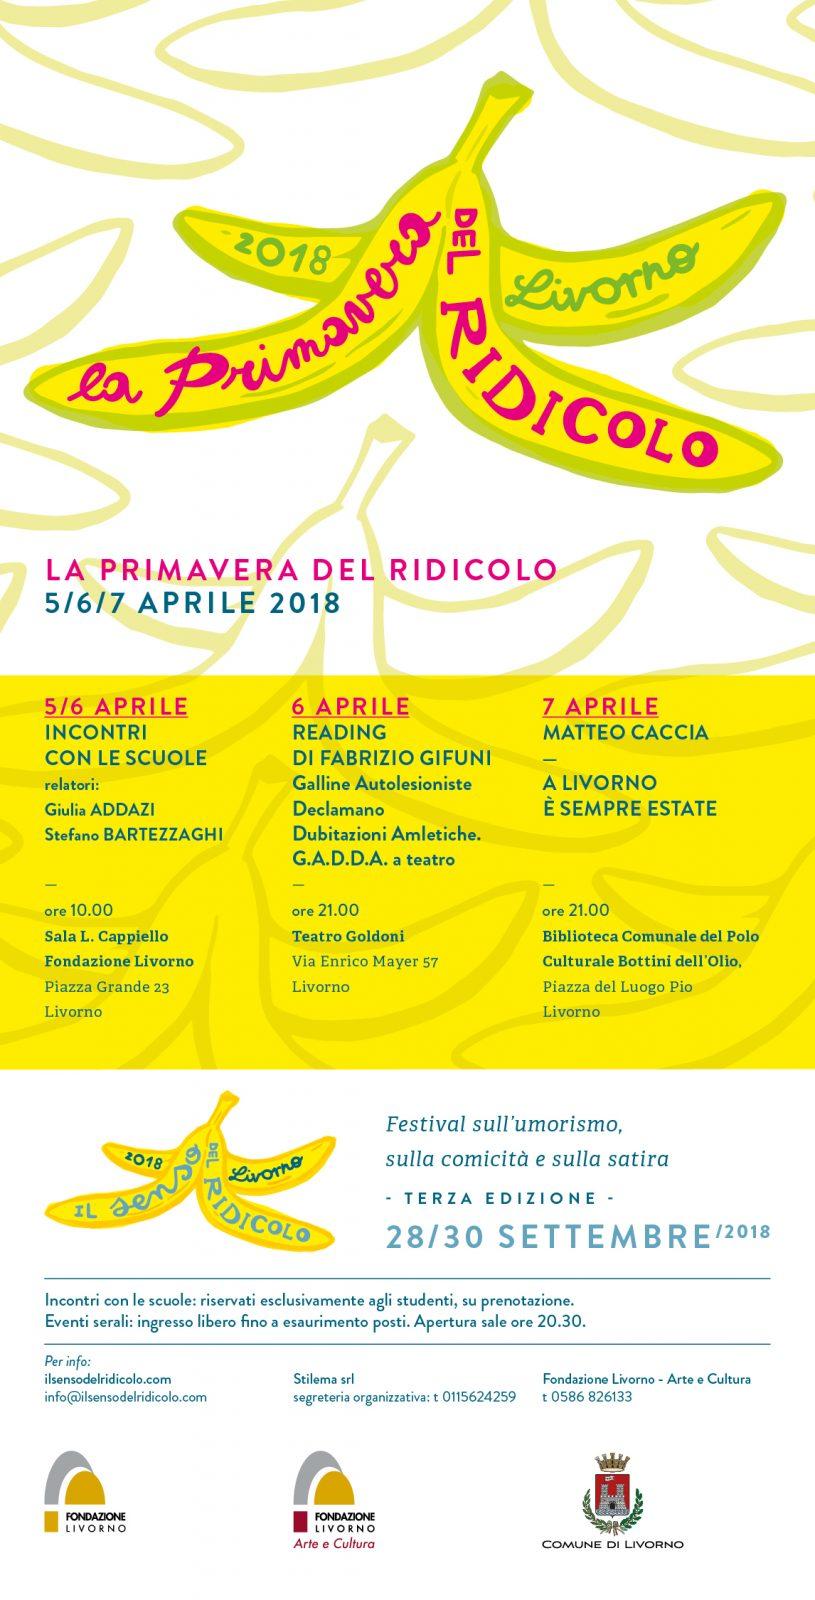 invito2018_primaveradelridicolo_3